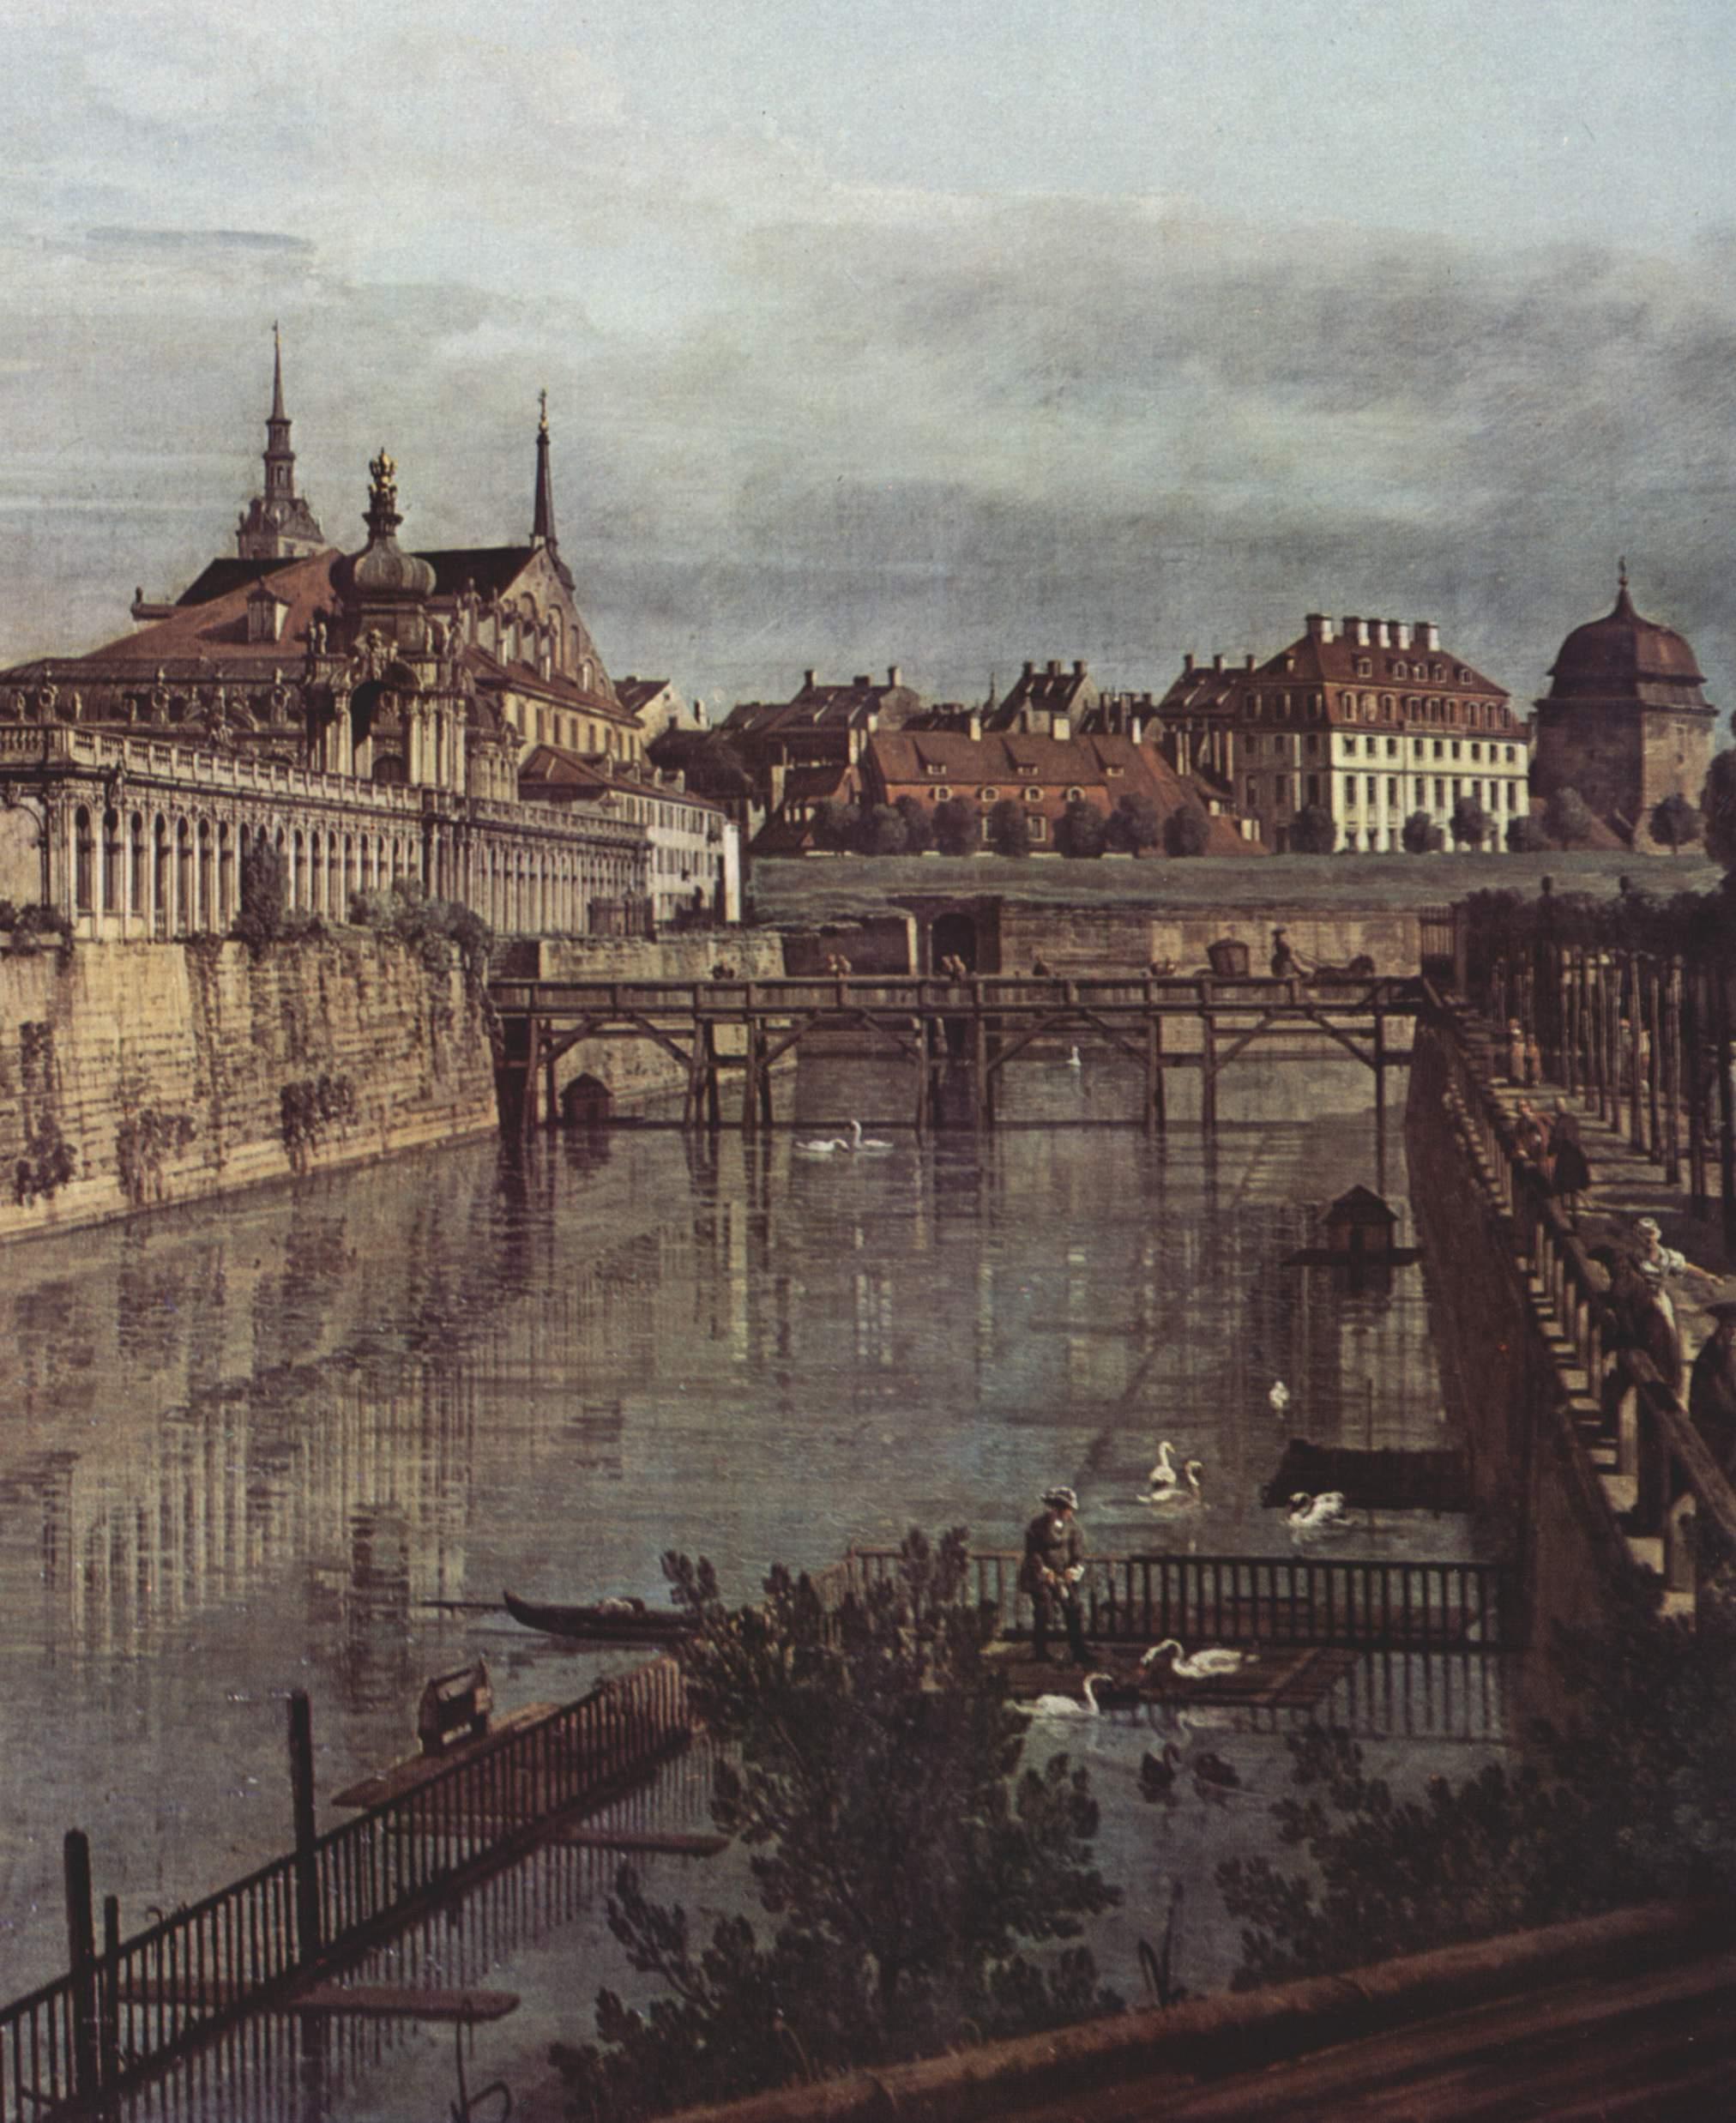 Вид Дрездена, старый крепостной ров в Цвингере, вид из оранжереи по направлению к городу. Деталь, Джованни Антонио Каналетто 1